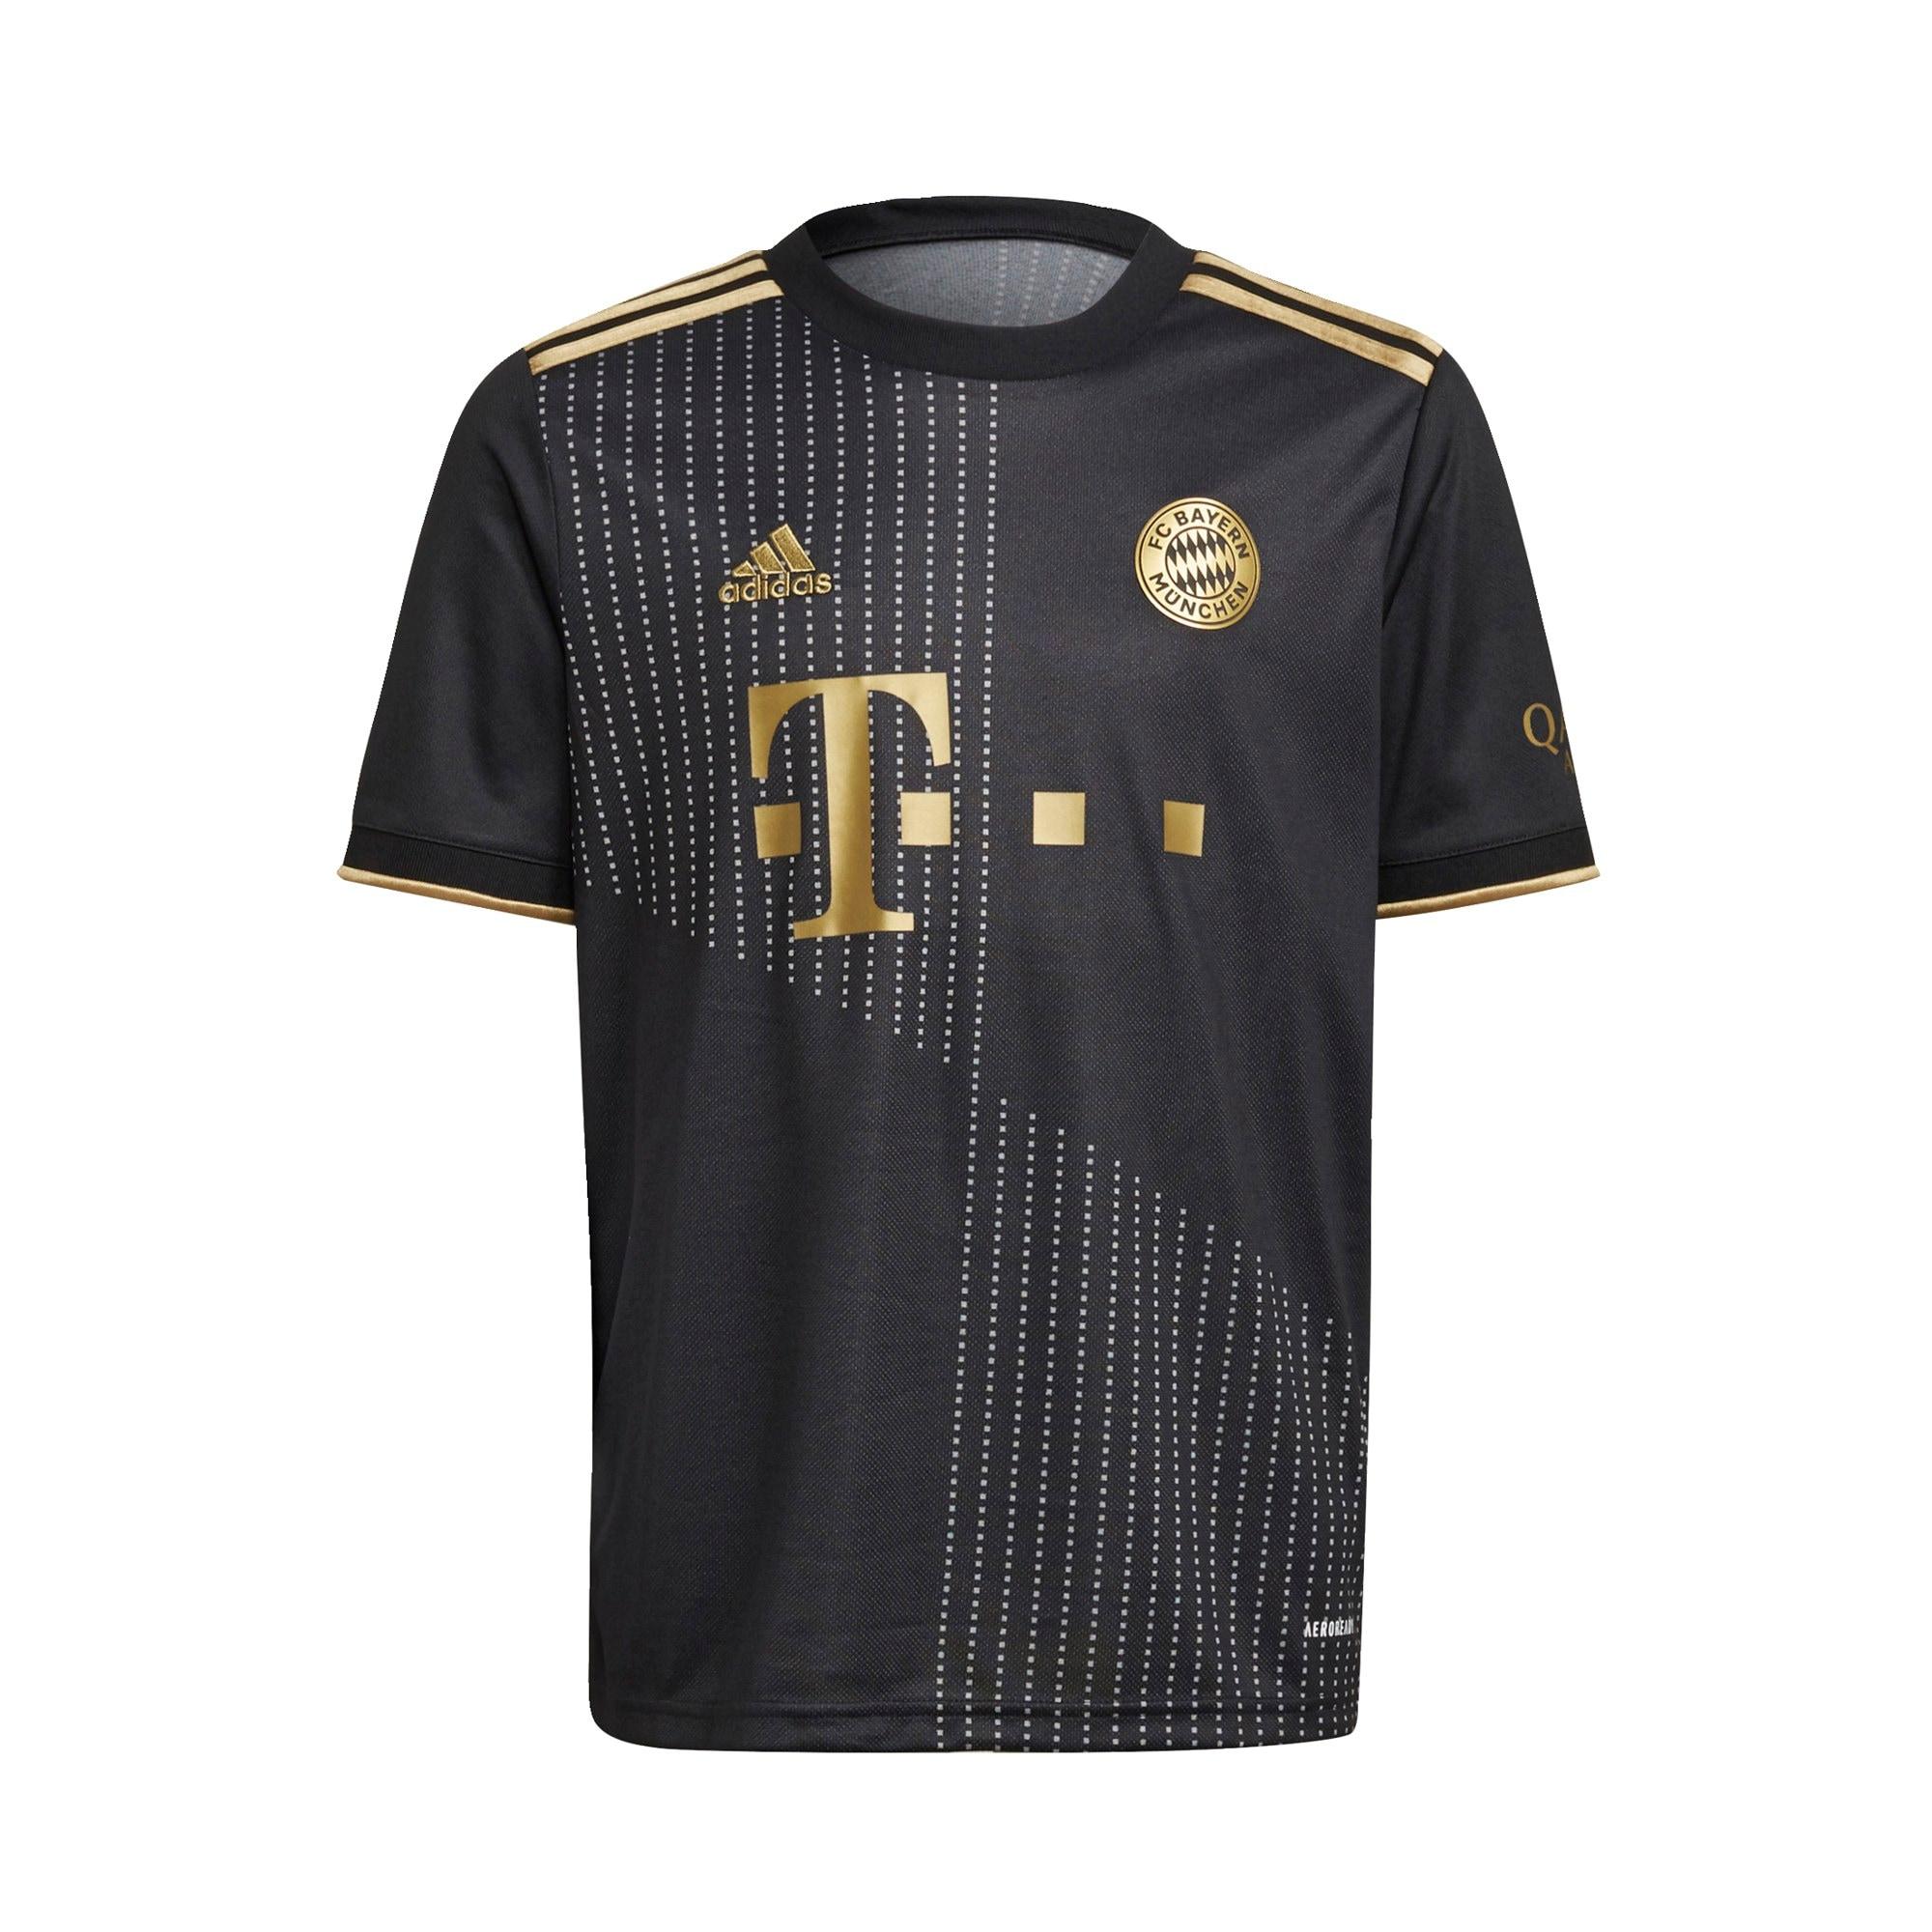 ADIDAS PERFORMANCE Sportiniai marškinėliai juoda / šviesiai pilka / auksas